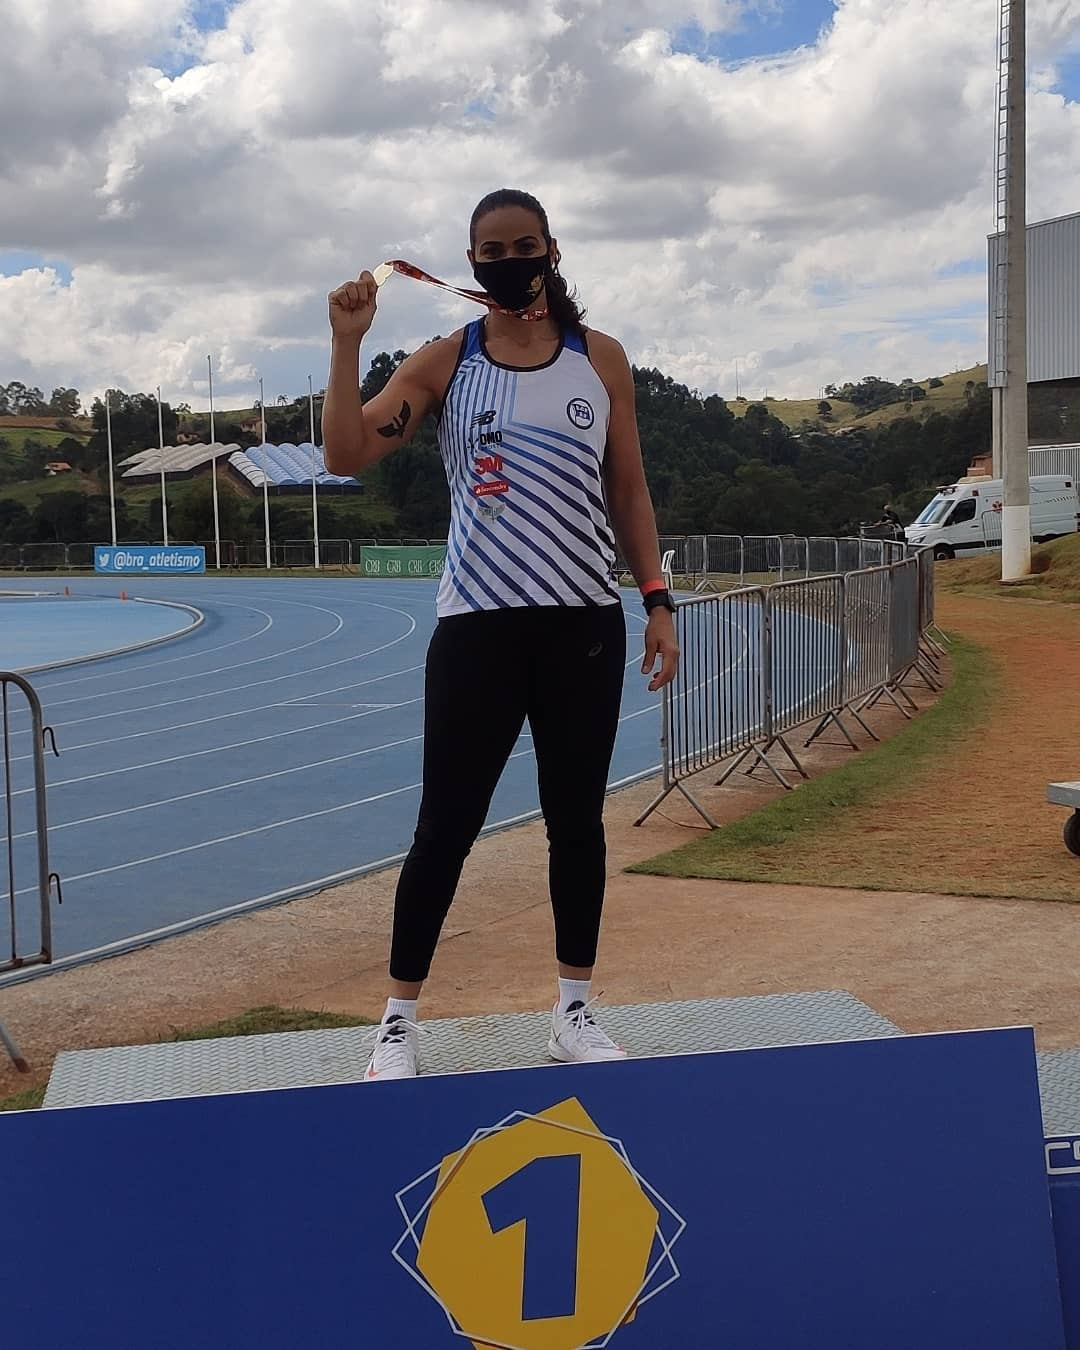 Laila Ferrer é uma das atletas das provas de campo do atletismo que representará o Brasil no lançamento de dardo nos Jogos Olímpicos de Tóquio. (Foto: Instagram)